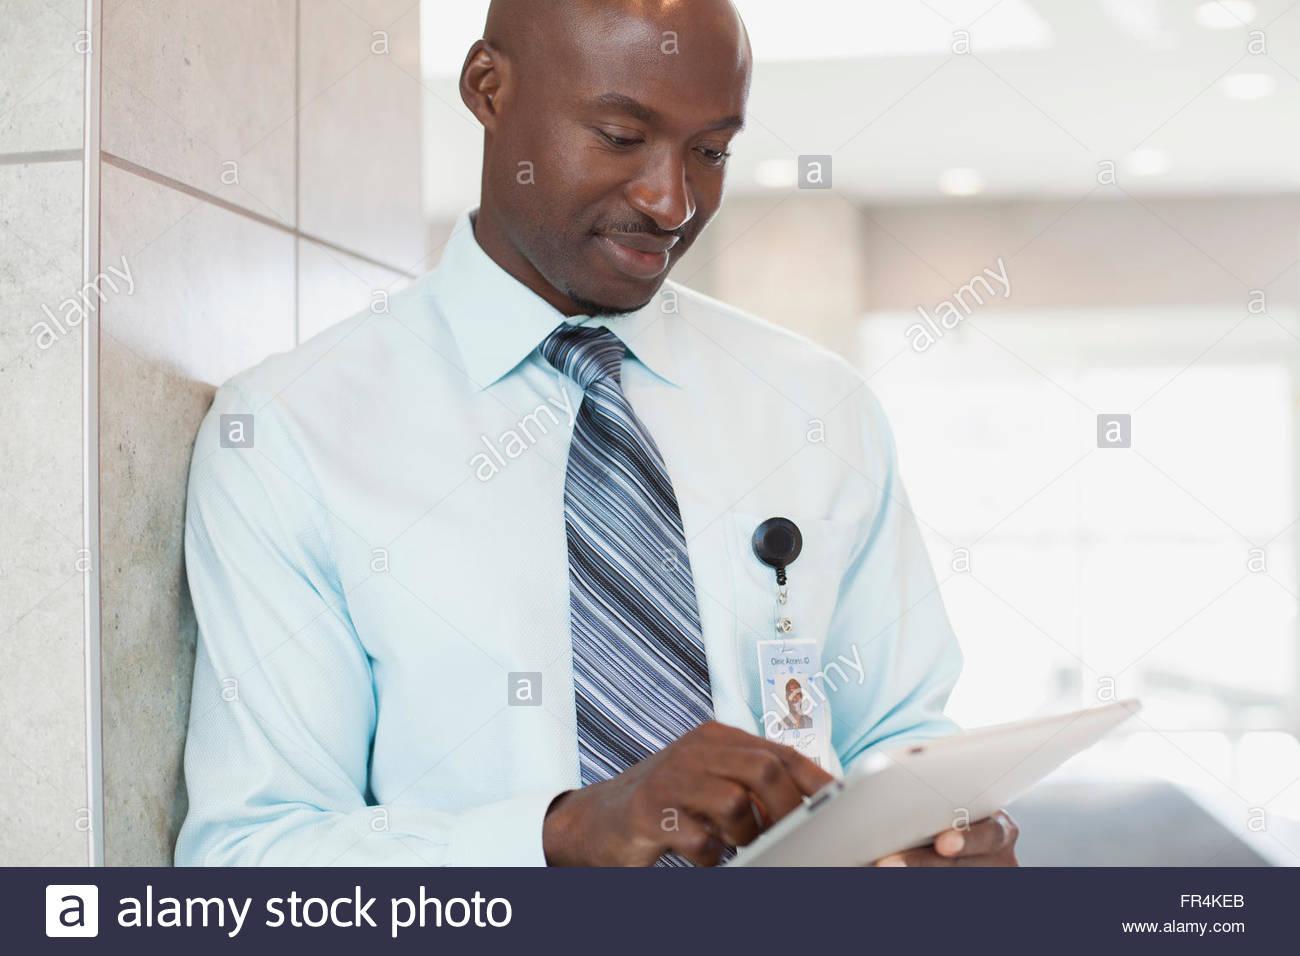 afrikanische amerikanische Arzt mit Tablet pc in medizinischen Einrichtung Stockbild